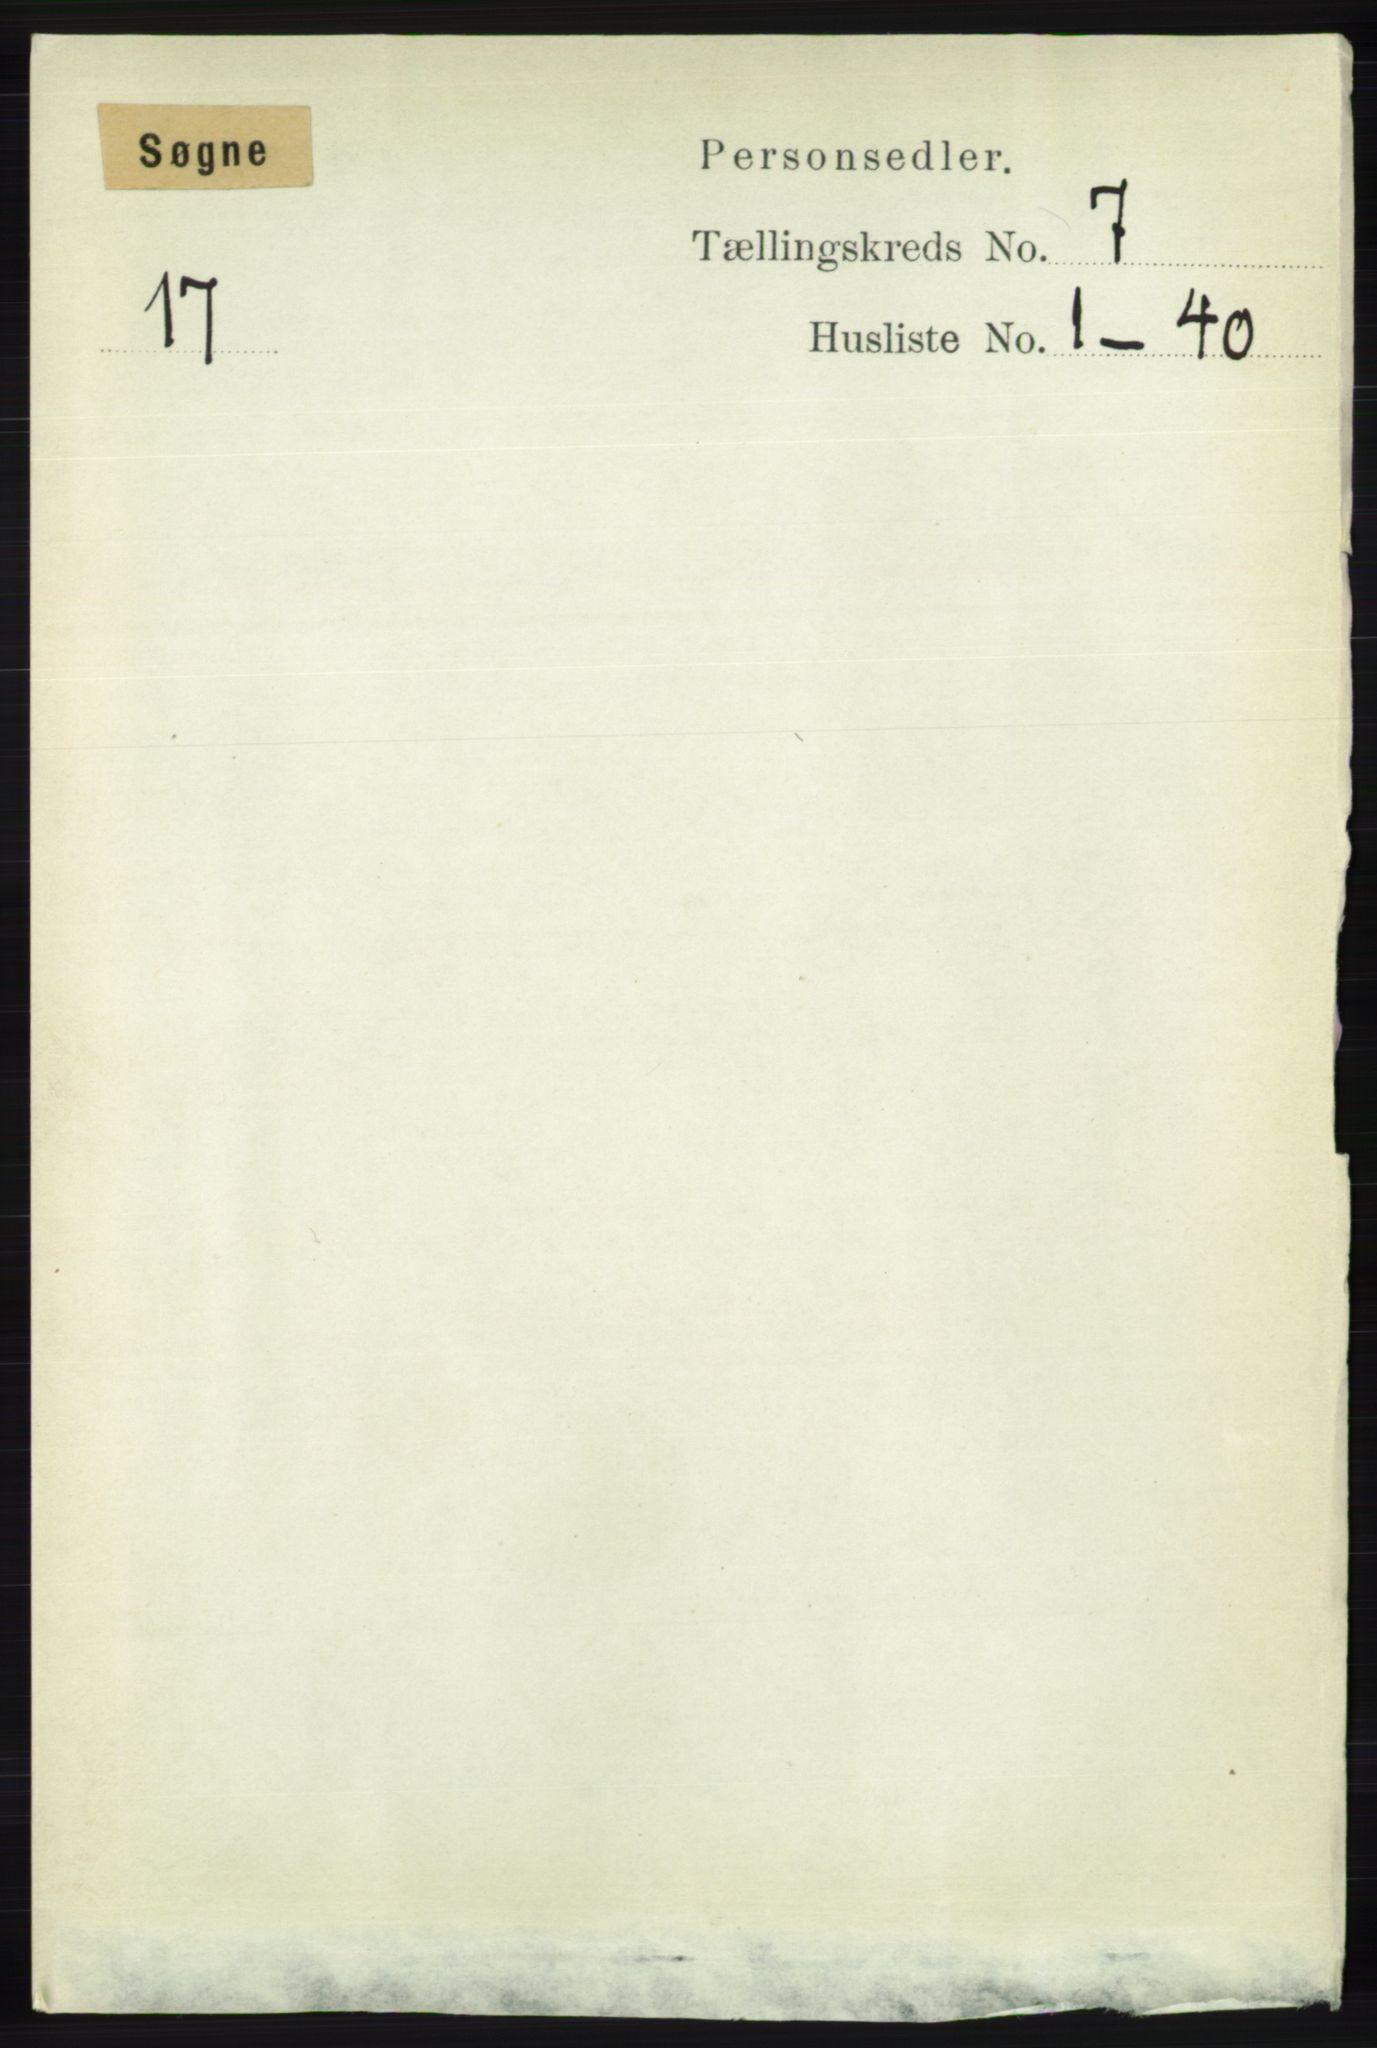 RA, Folketelling 1891 for 1018 Søgne herred, 1891, s. 1540